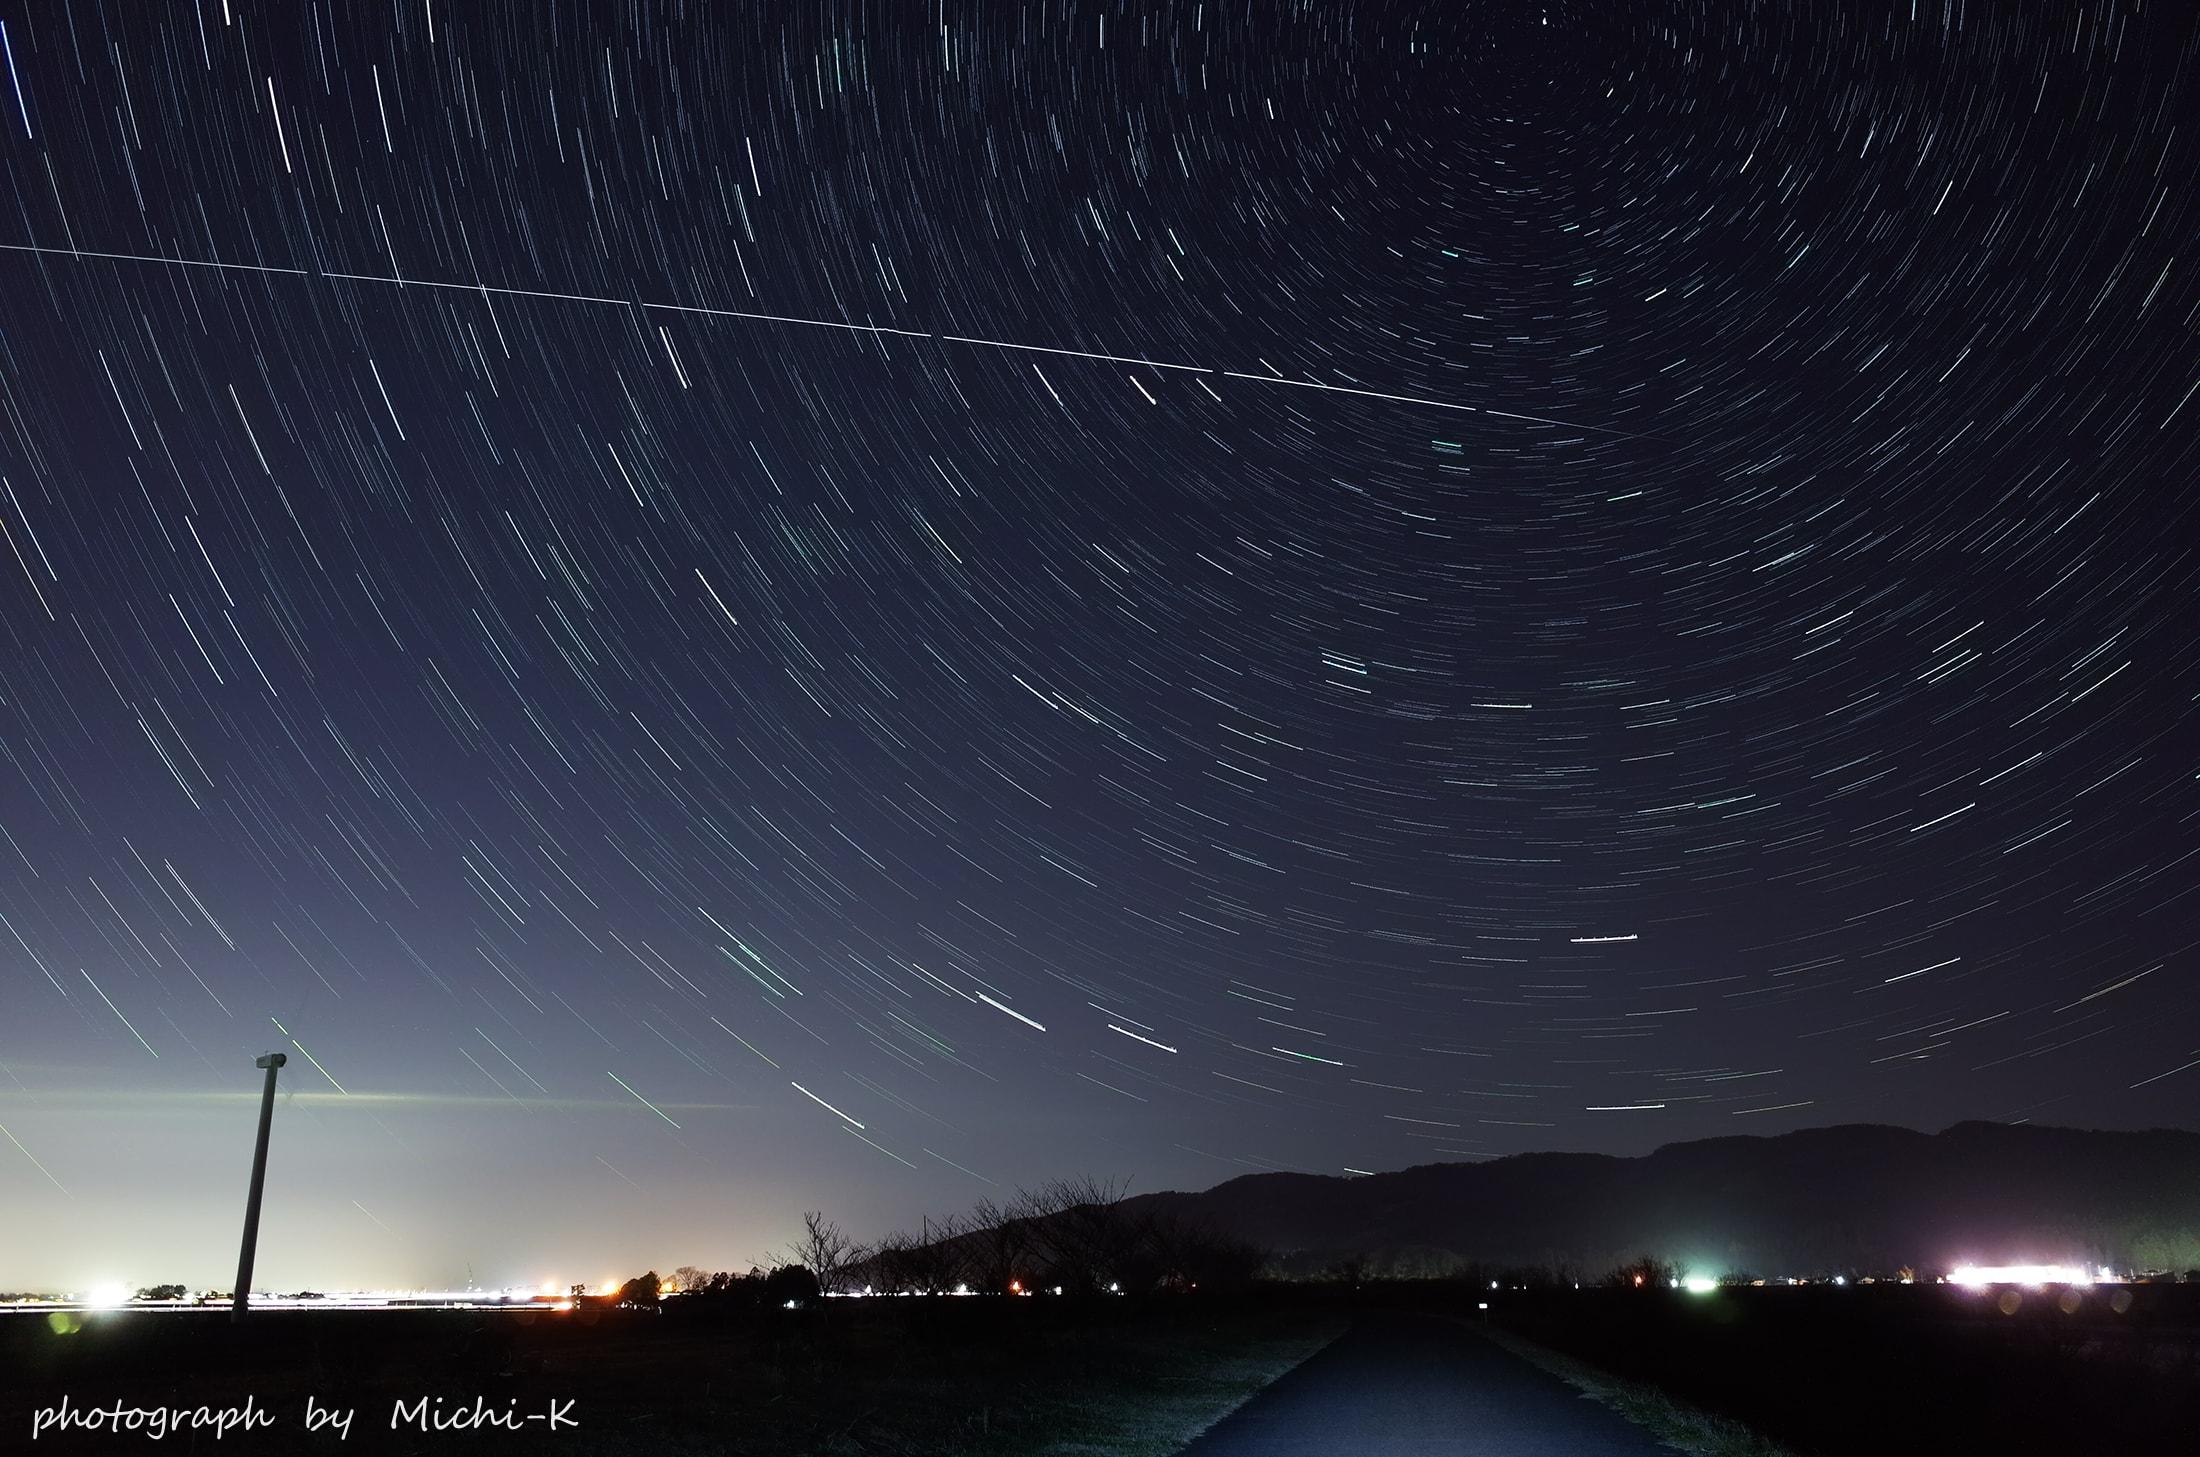 国際宇宙ステーション(ISS)の軌跡-2016年12月3日-山形県庄内町